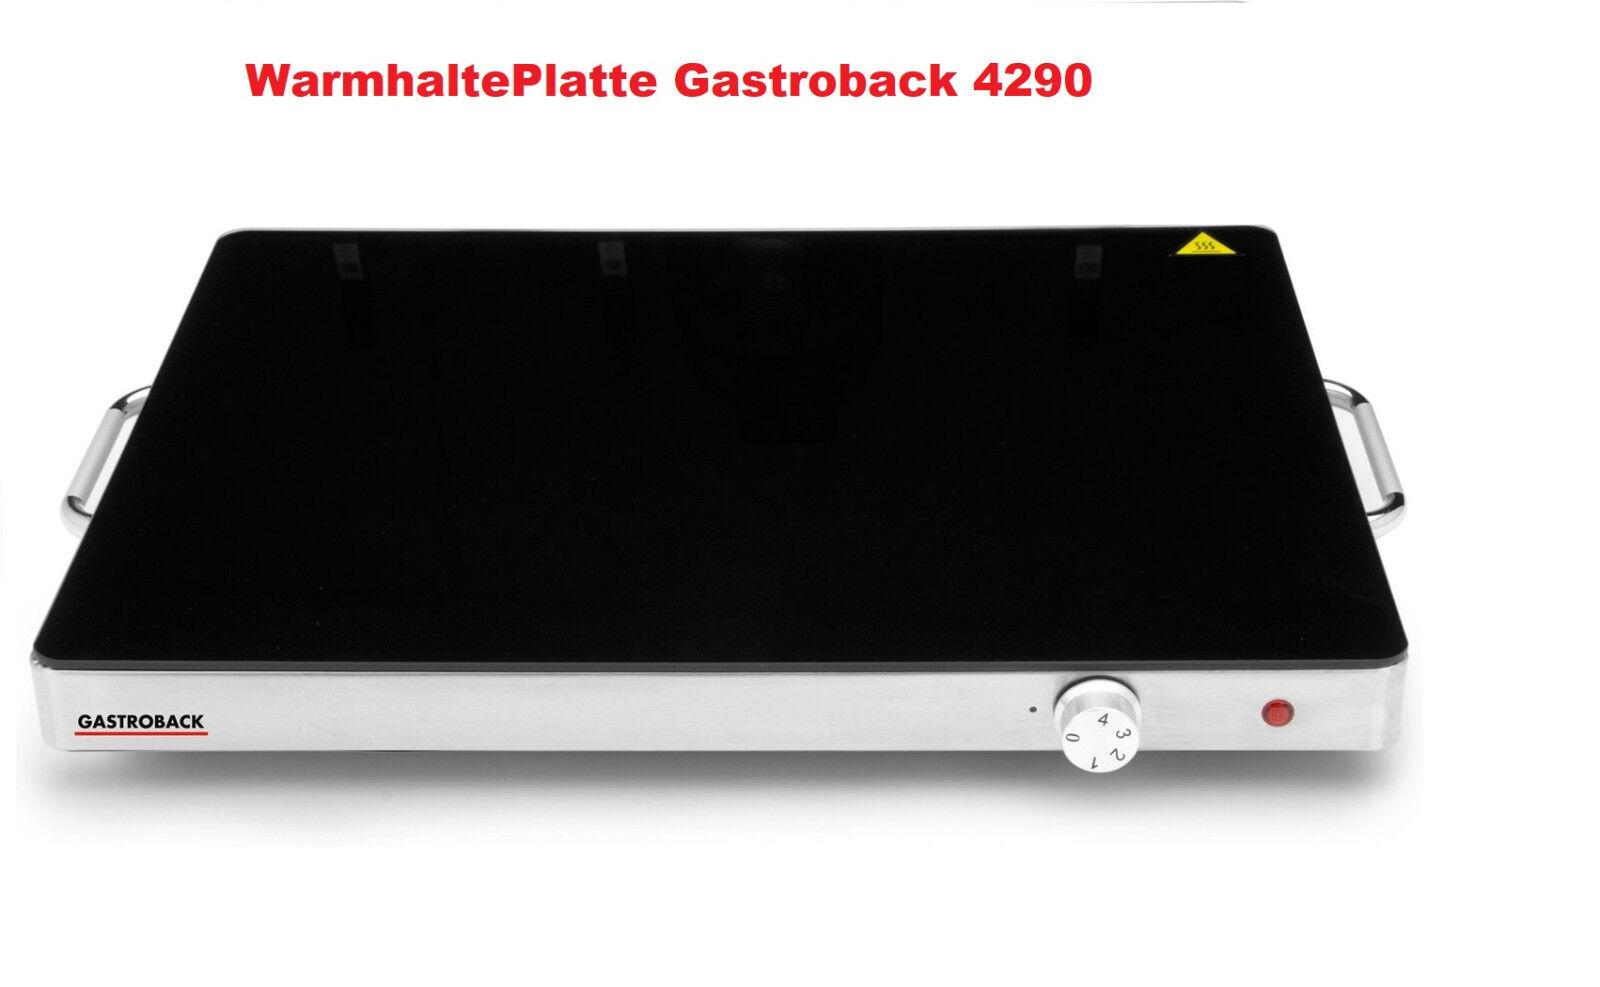 Gastroback Warmhalteplatte 42490